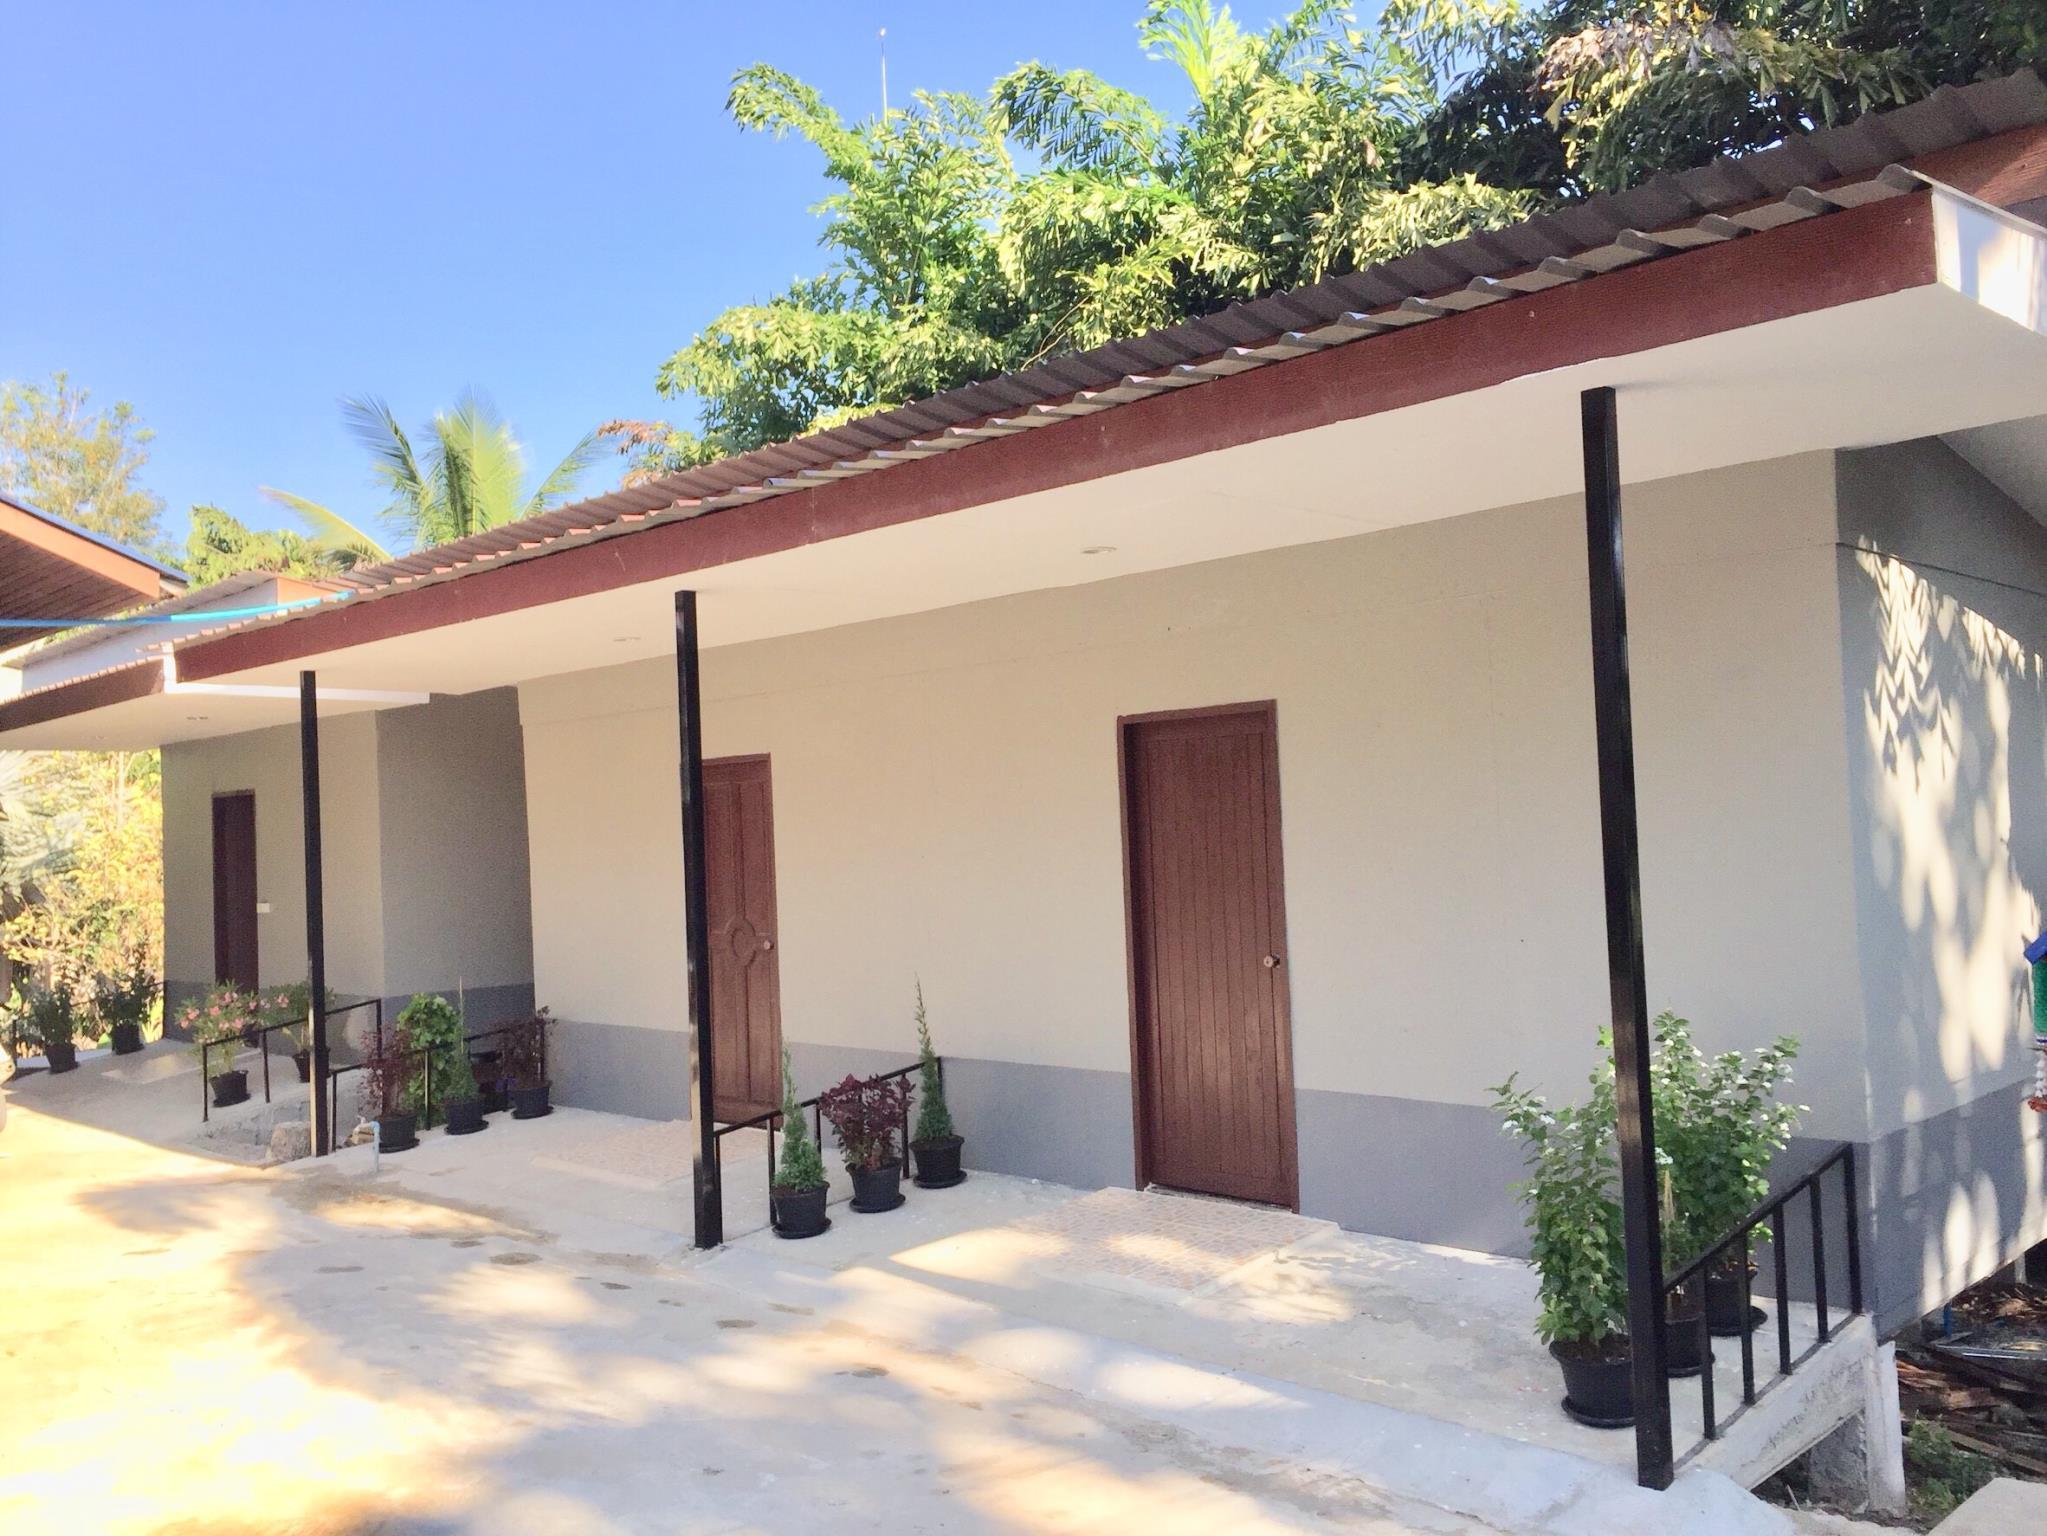 สตูดิโอ บ้าน 1 ห้องน้ำส่วนตัว ขนาด 15 ตร.ม. – สังขละบุรี